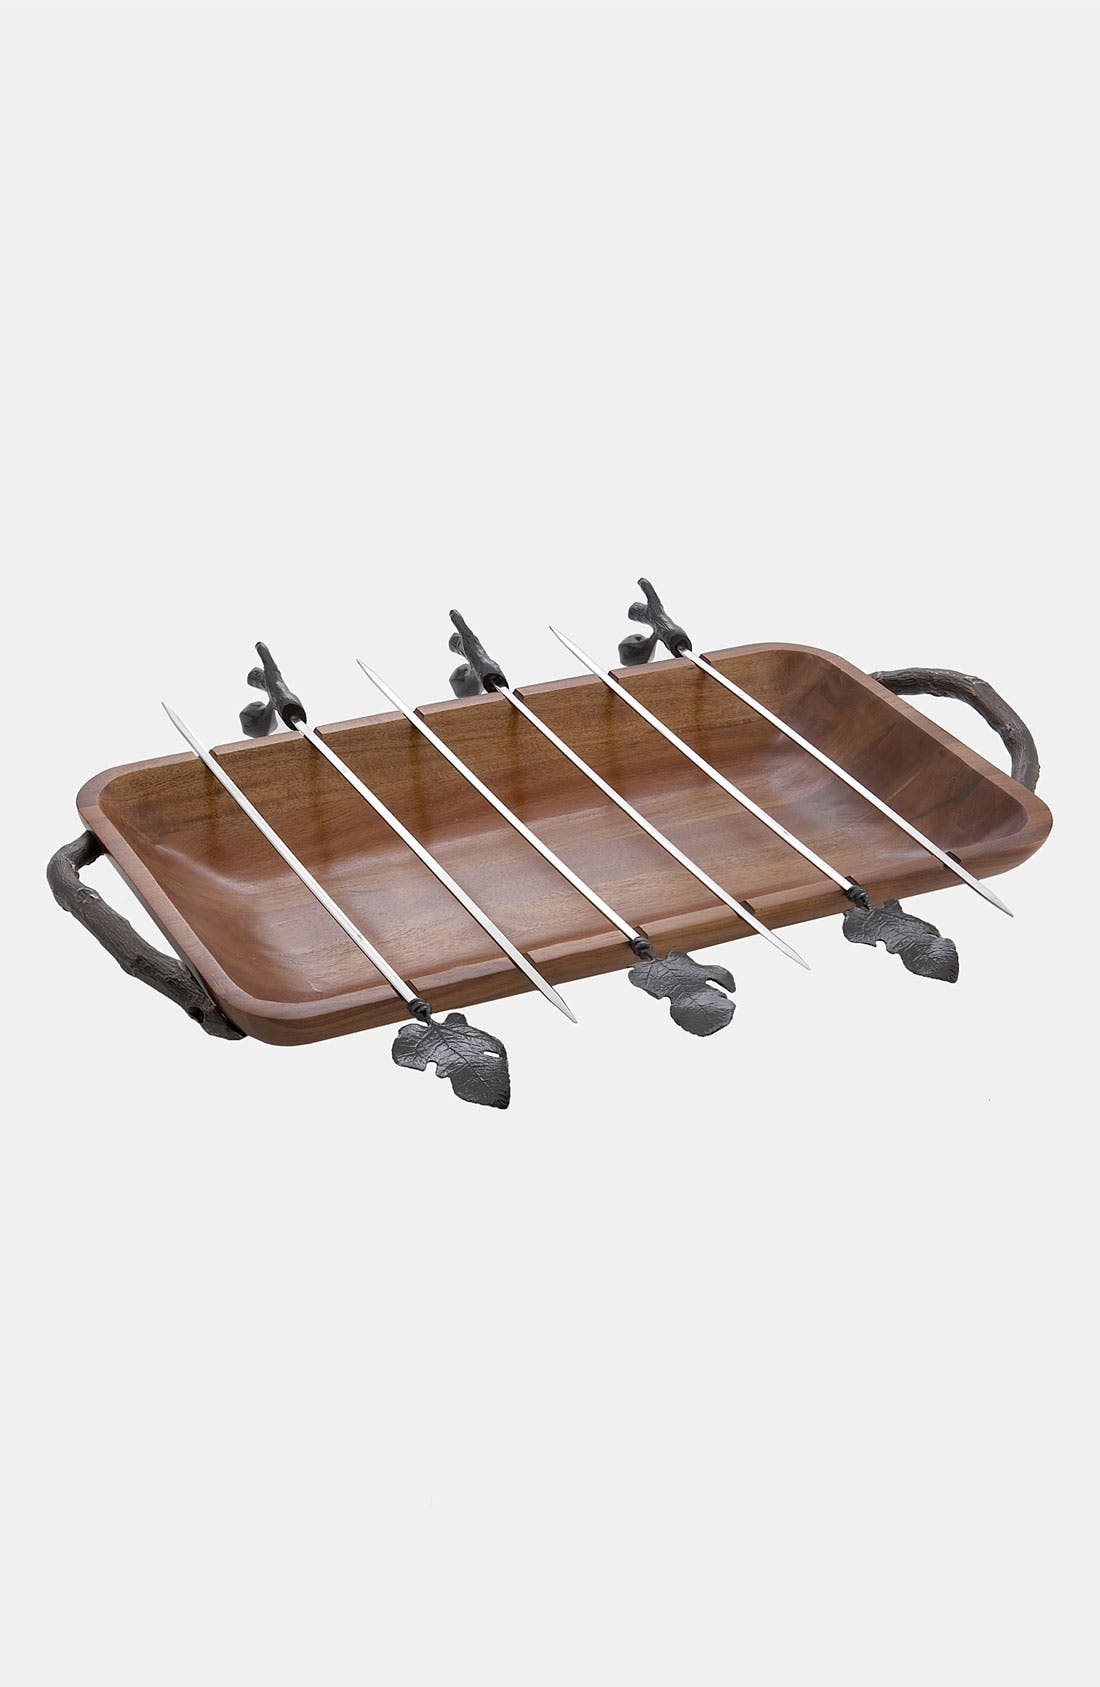 Main Image - Michael Aram 'Fig Leaf' Grilling Platter Set